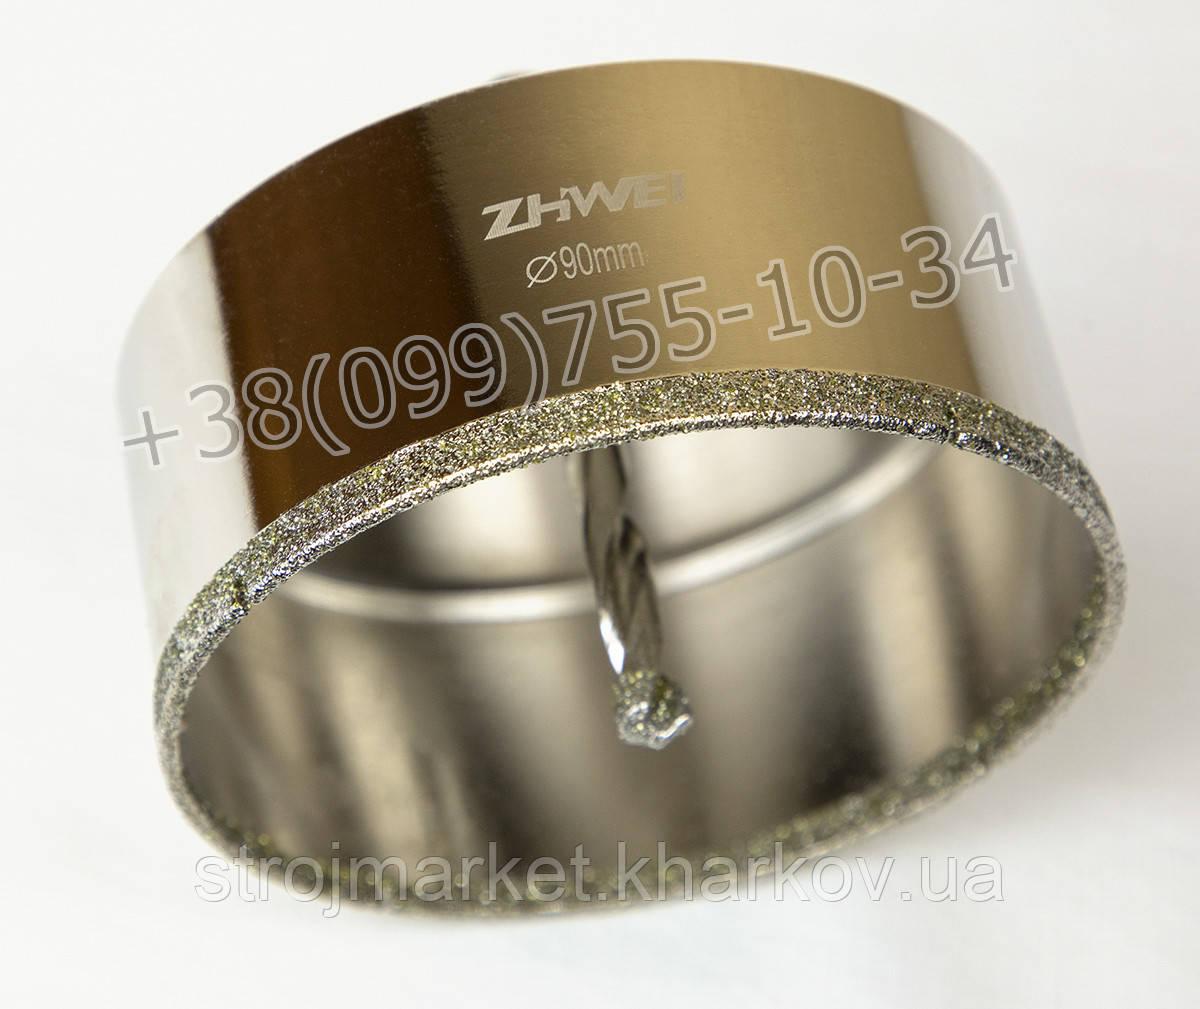 Алмазные коронки с сверлом ZHWEI 90мм